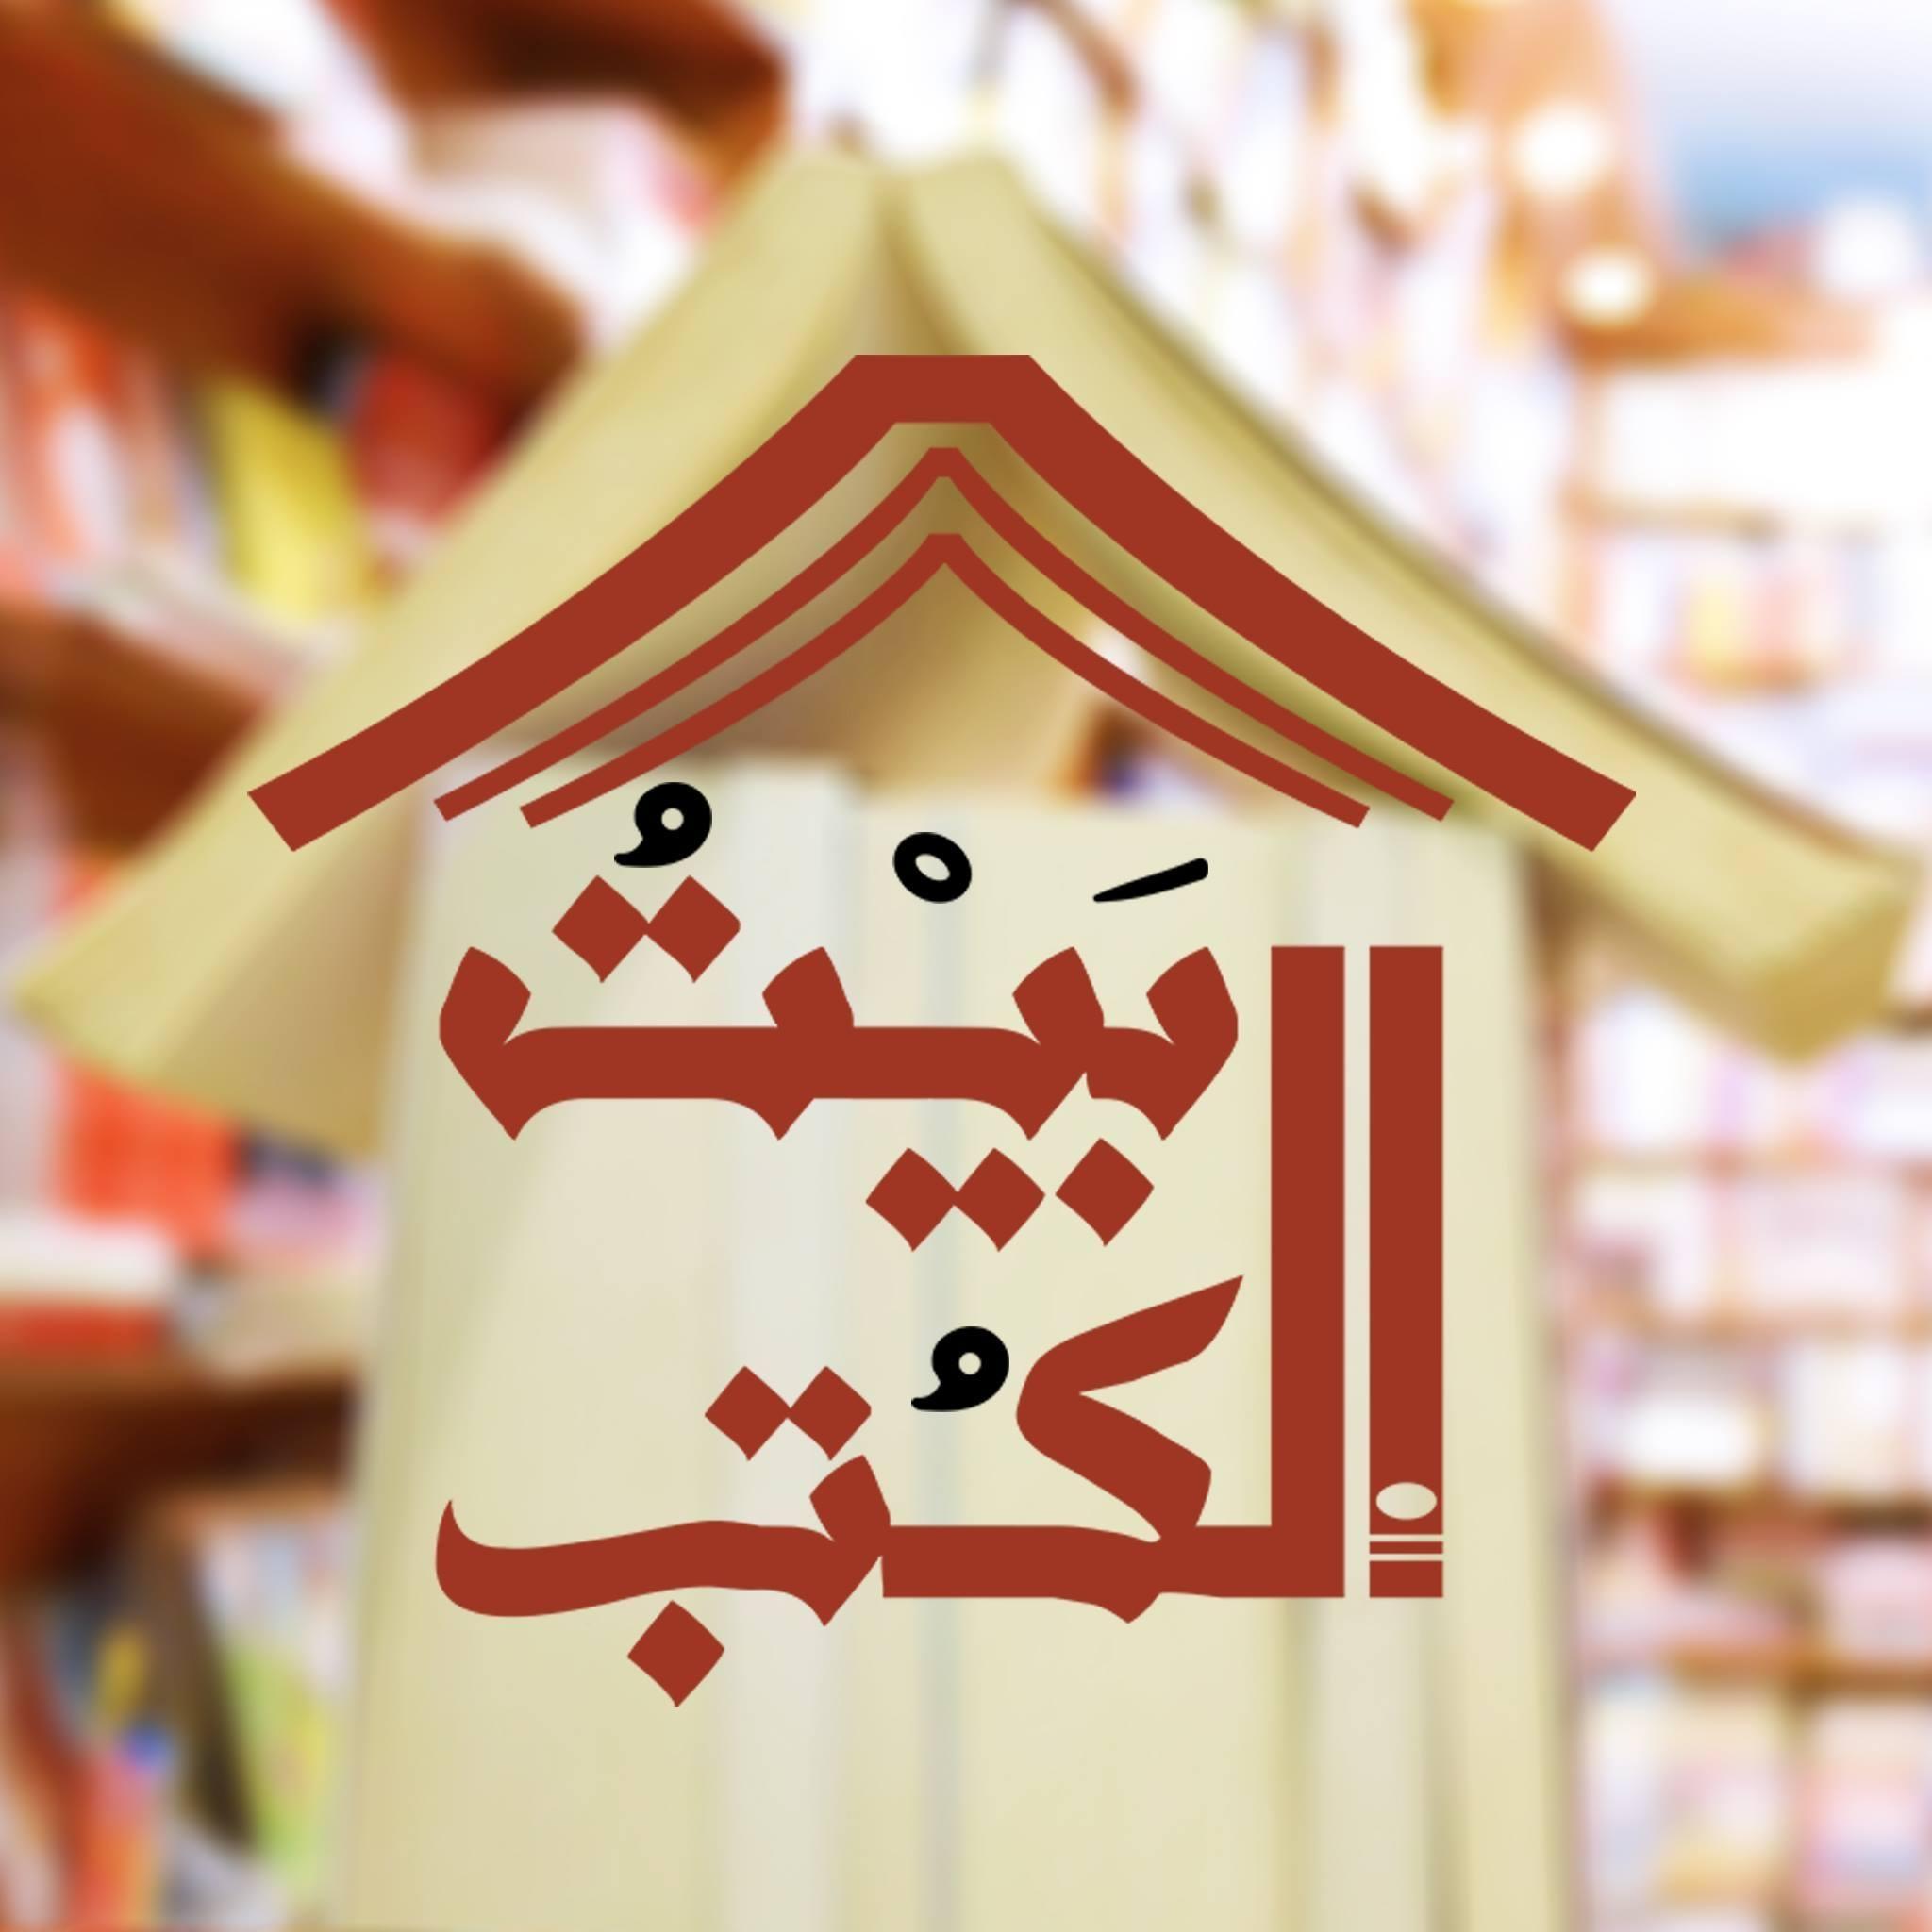 مكتبة بيت الكتب Bayt Alkotob